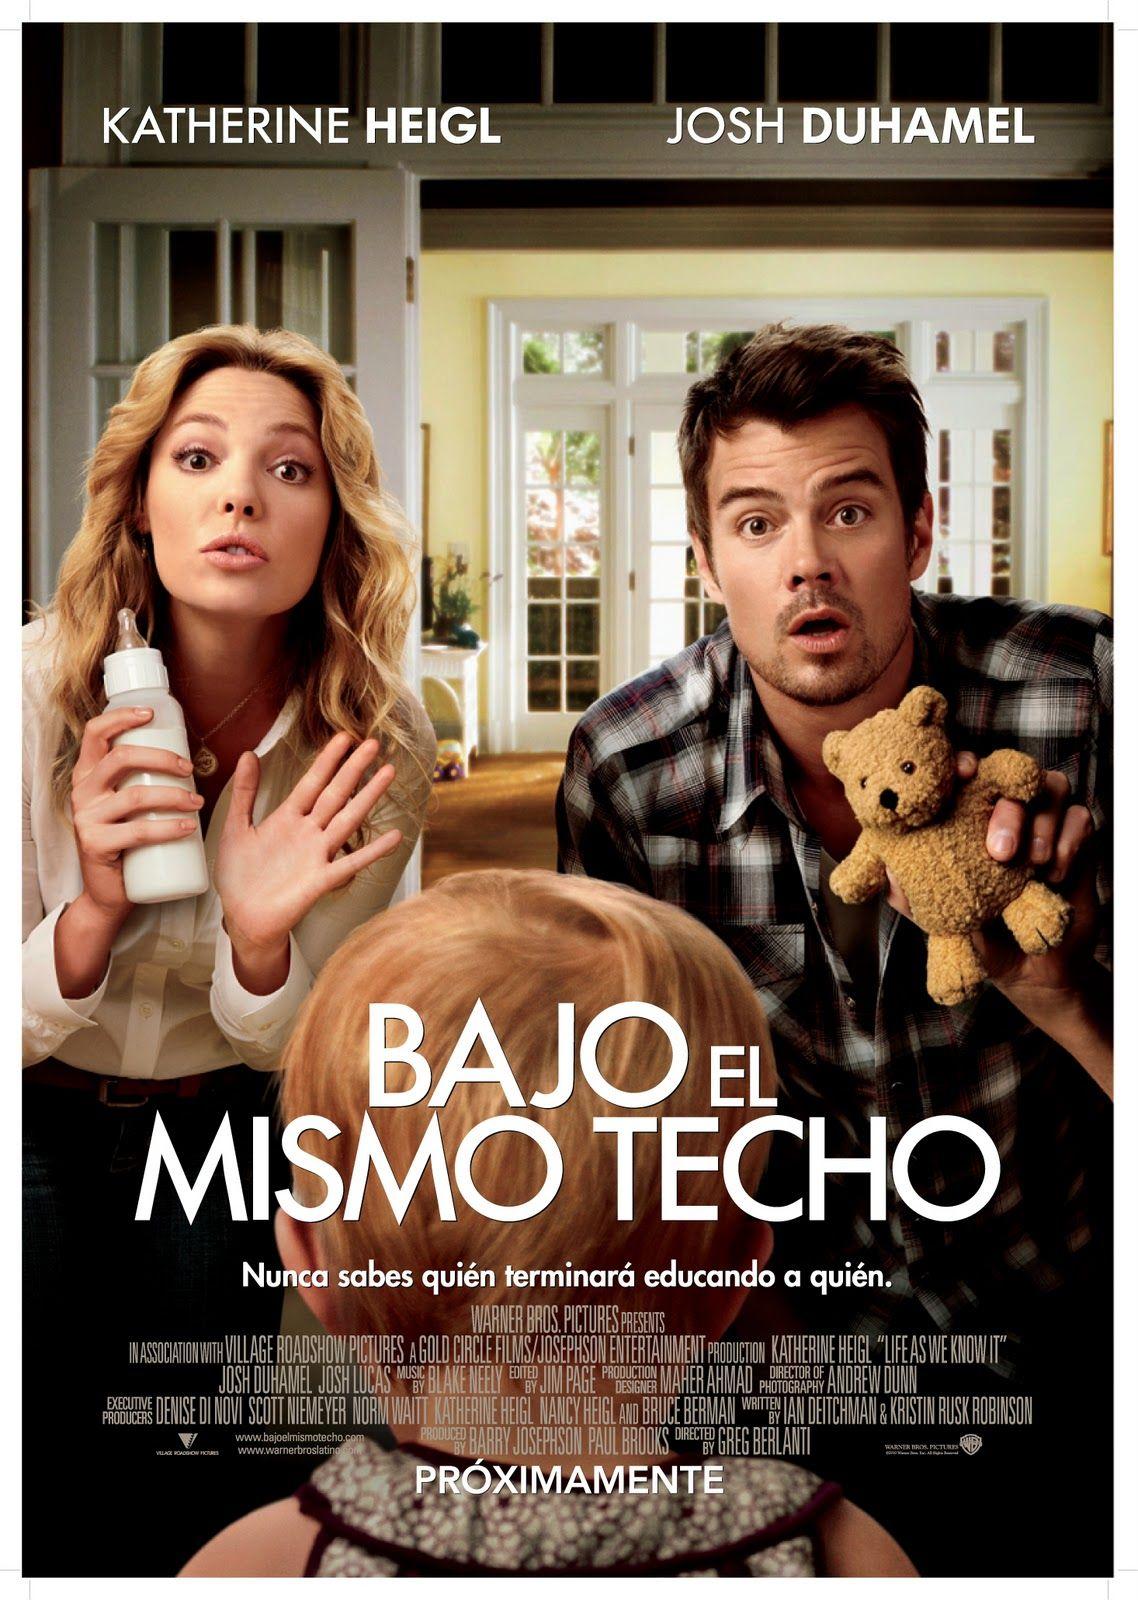 Bajo El Mismo Techo 2010 Latino Subtitulada Cuenta La Historia De Dos Solteros Holly Berenson Peliculas Mejores Peliculas Divertidas Peliculas De Comedia